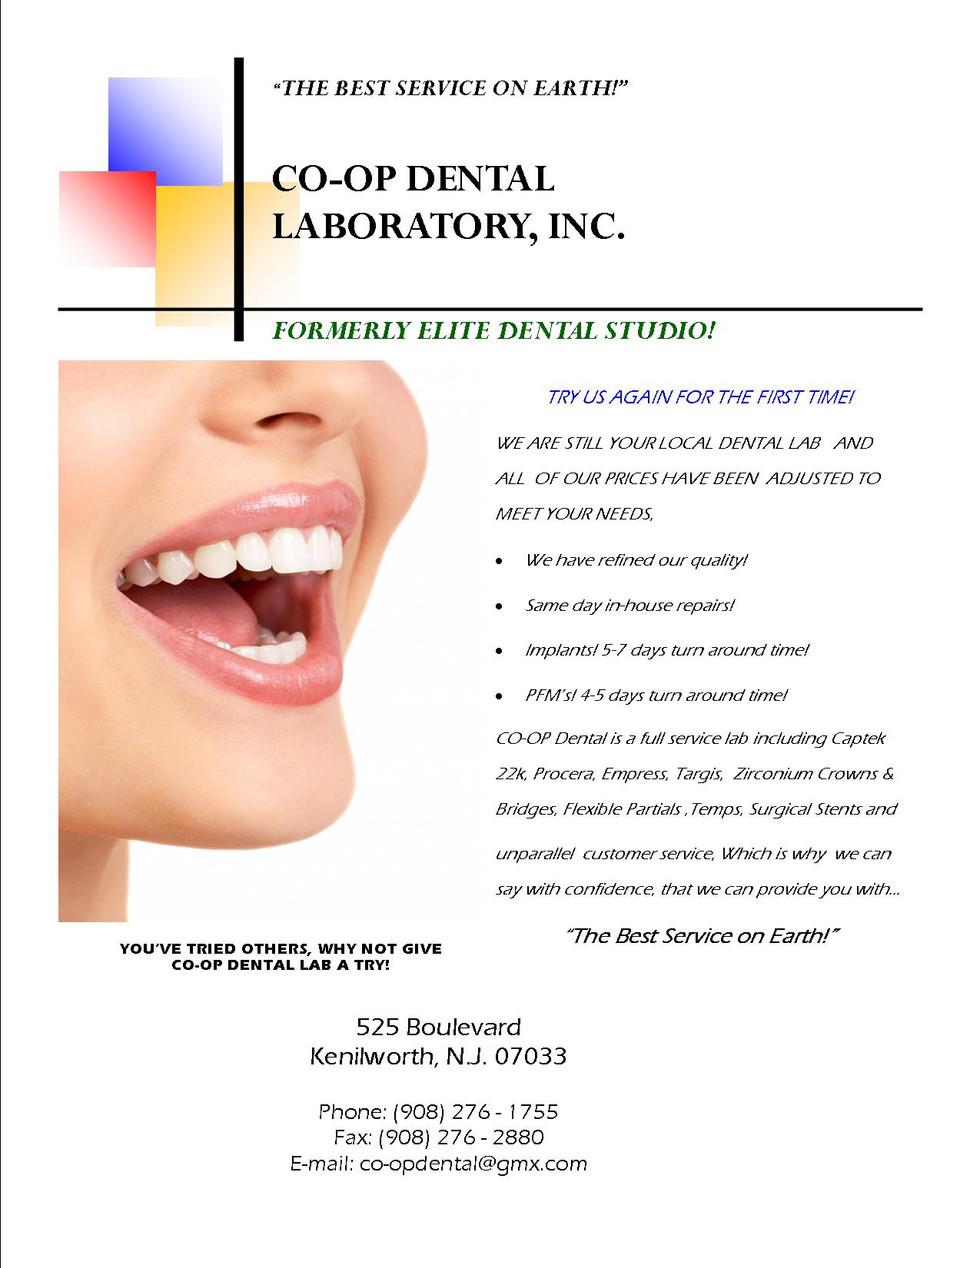 co-op-dental-lab-intro-flyer-ii2.jpg